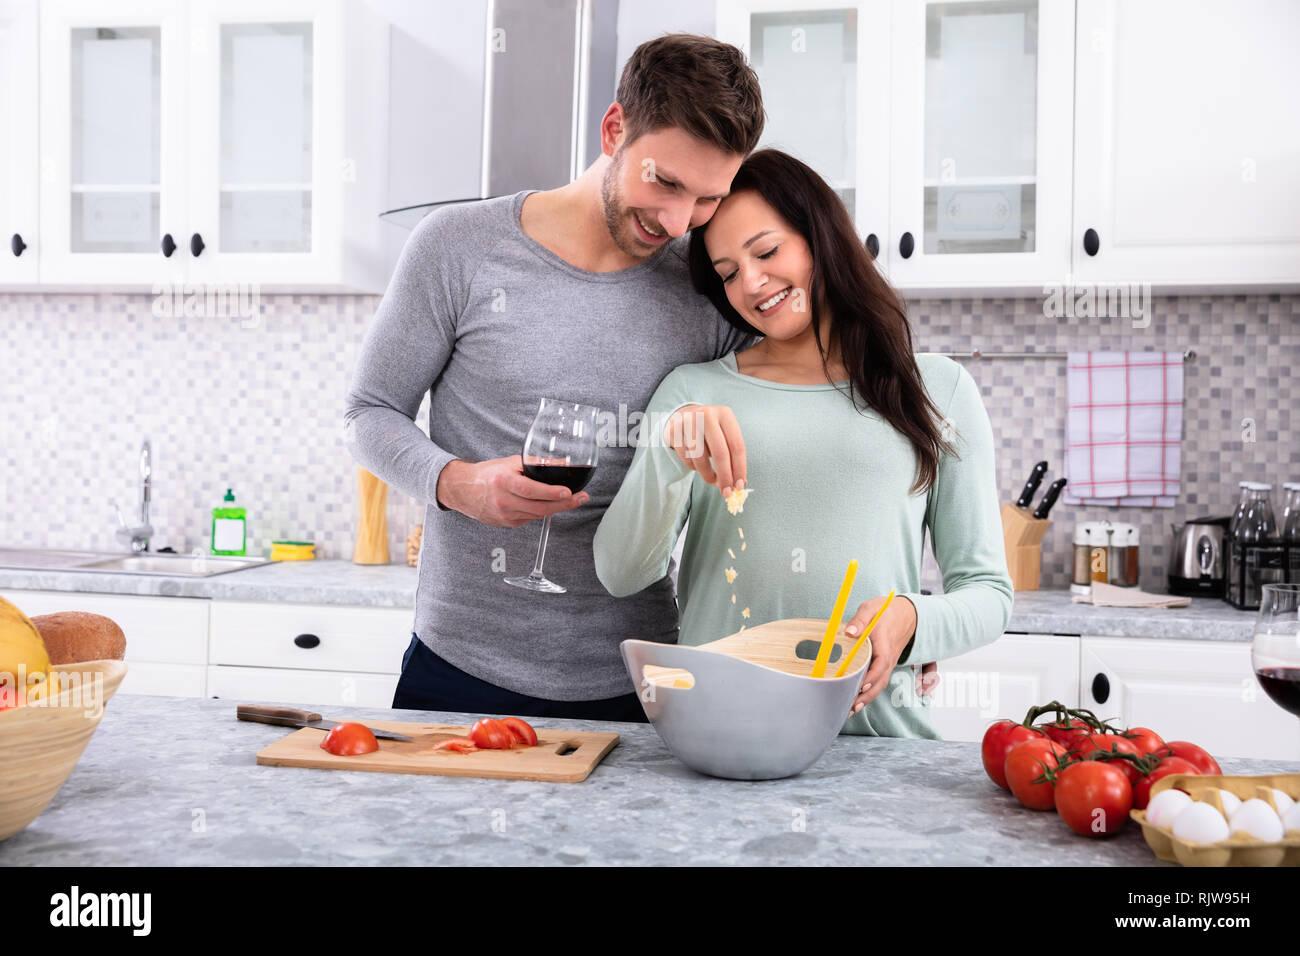 Lächelnde Frau Besprühen die Butter, die mit ihrem Mann in der Küche Holding Wein Glas Stockfoto